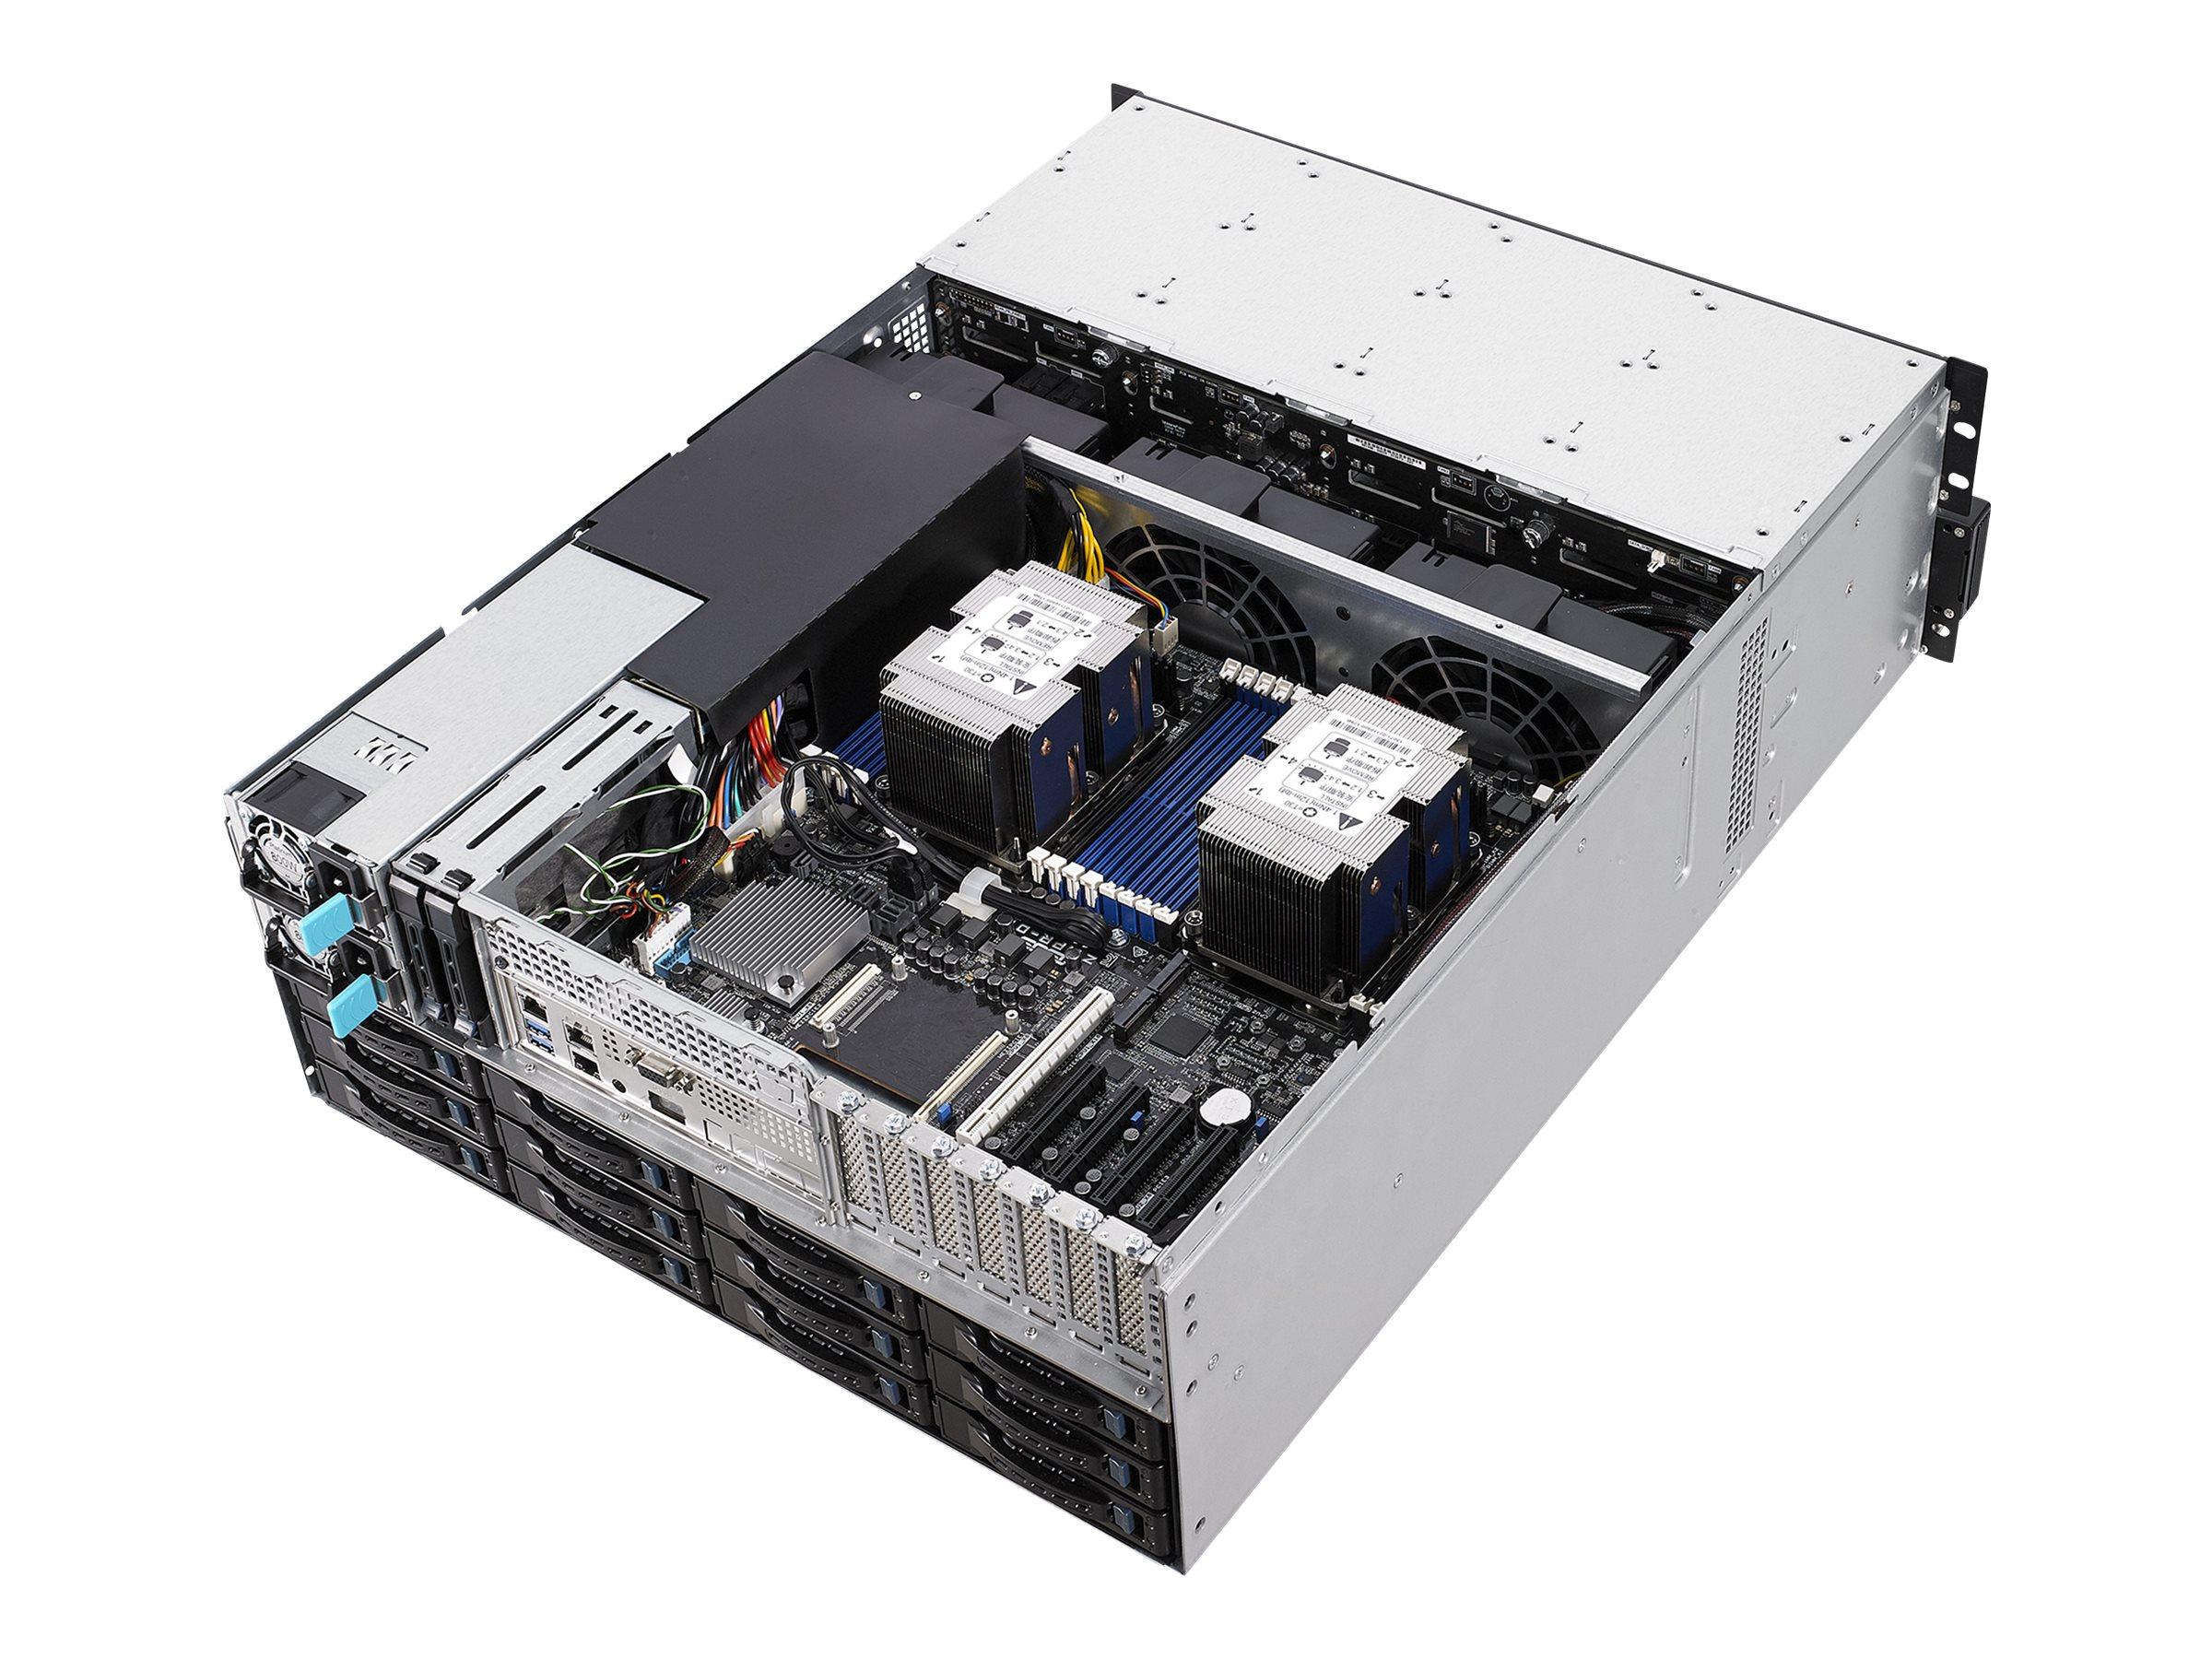 """ASUS RS540-E9-RS36-E - Server - Rack-Montage - 4U - zweiweg - keine CPU - RAM 0 GB - SAS - Hot-Swap 6.4 cm, 8.9 cm (2.5"""", 3.5"""")"""